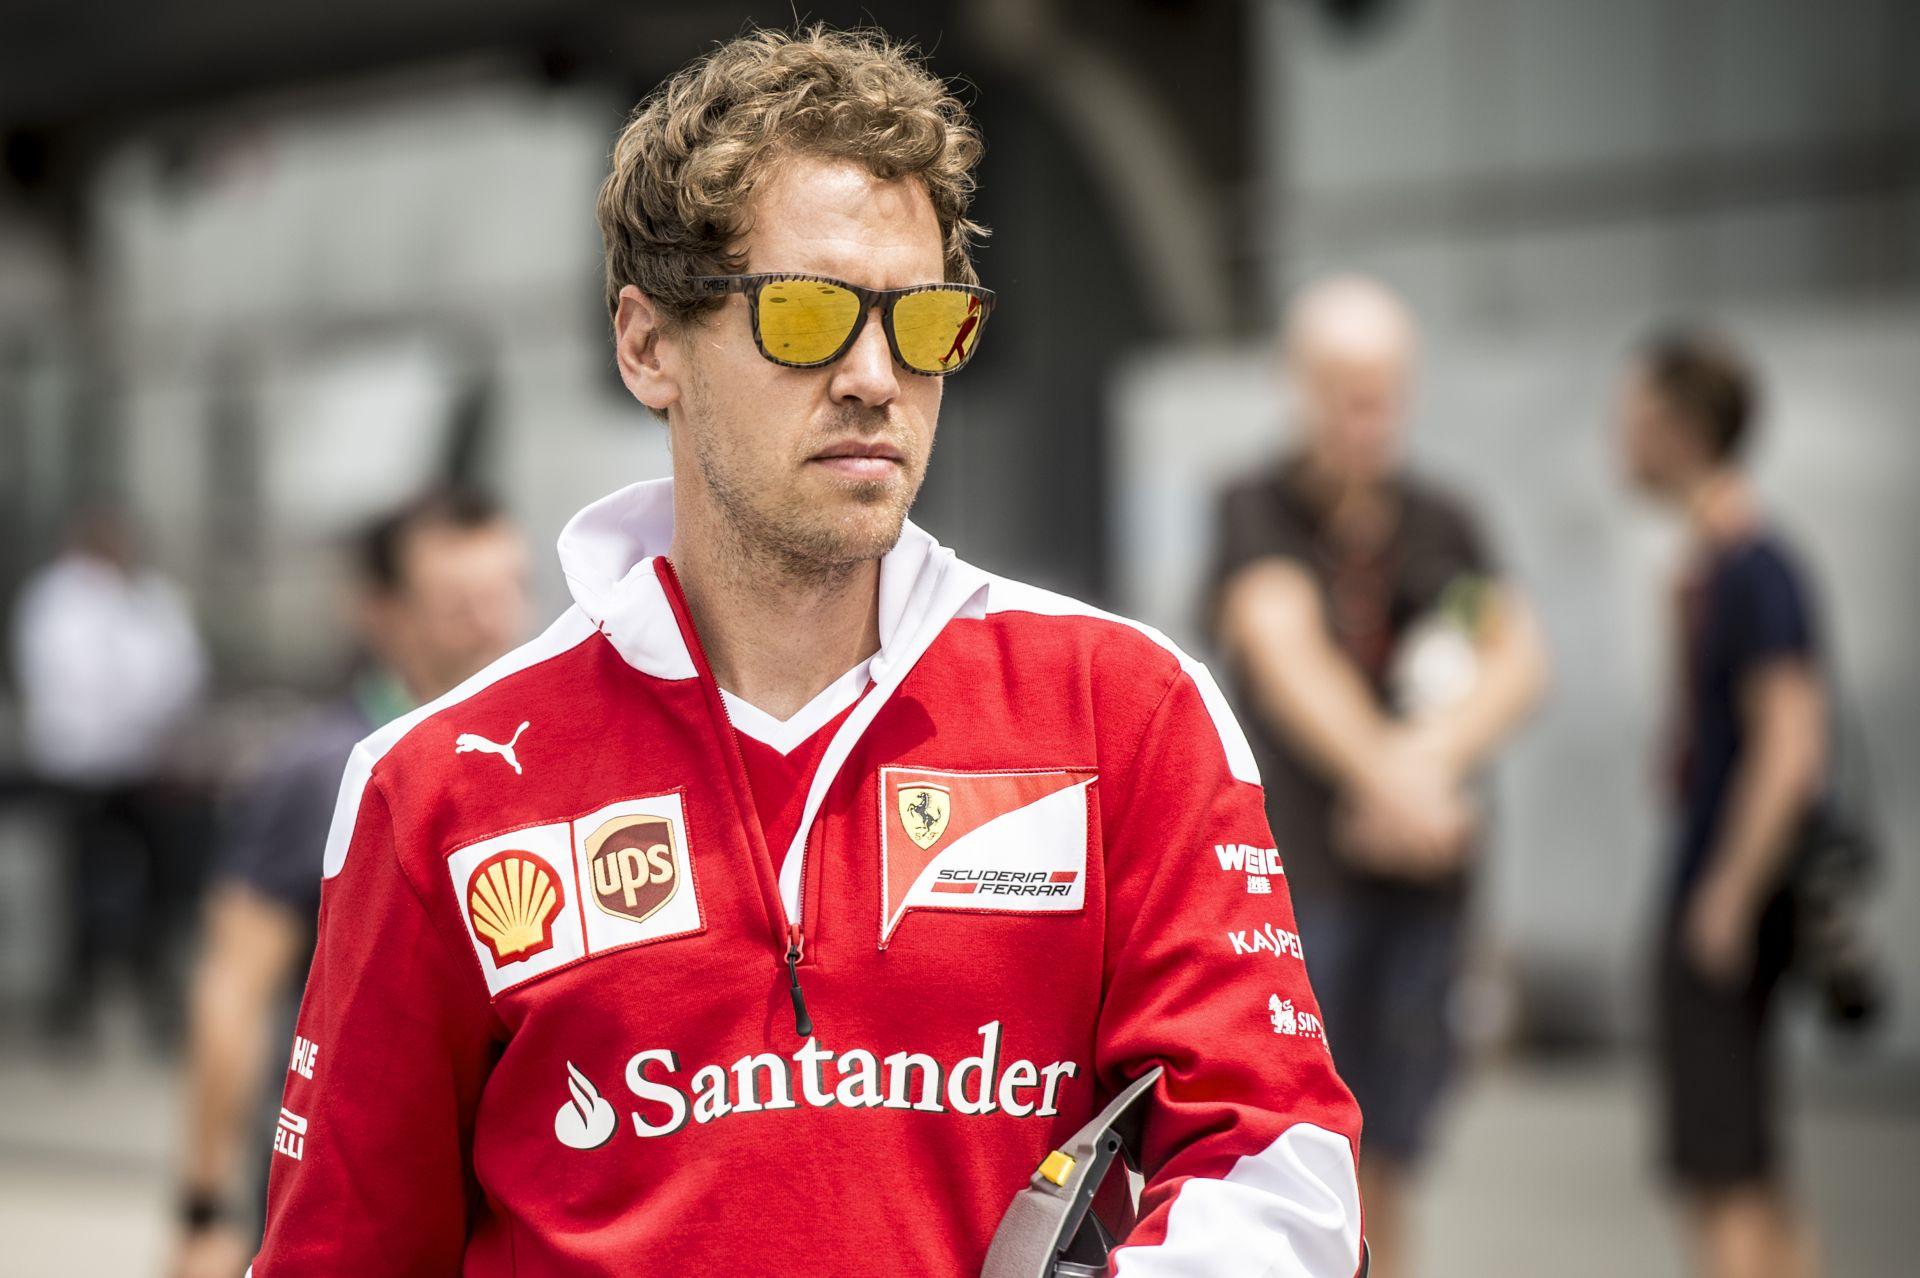 Vettel hisz abban, hogy idén bajnok lehet a Ferrarival